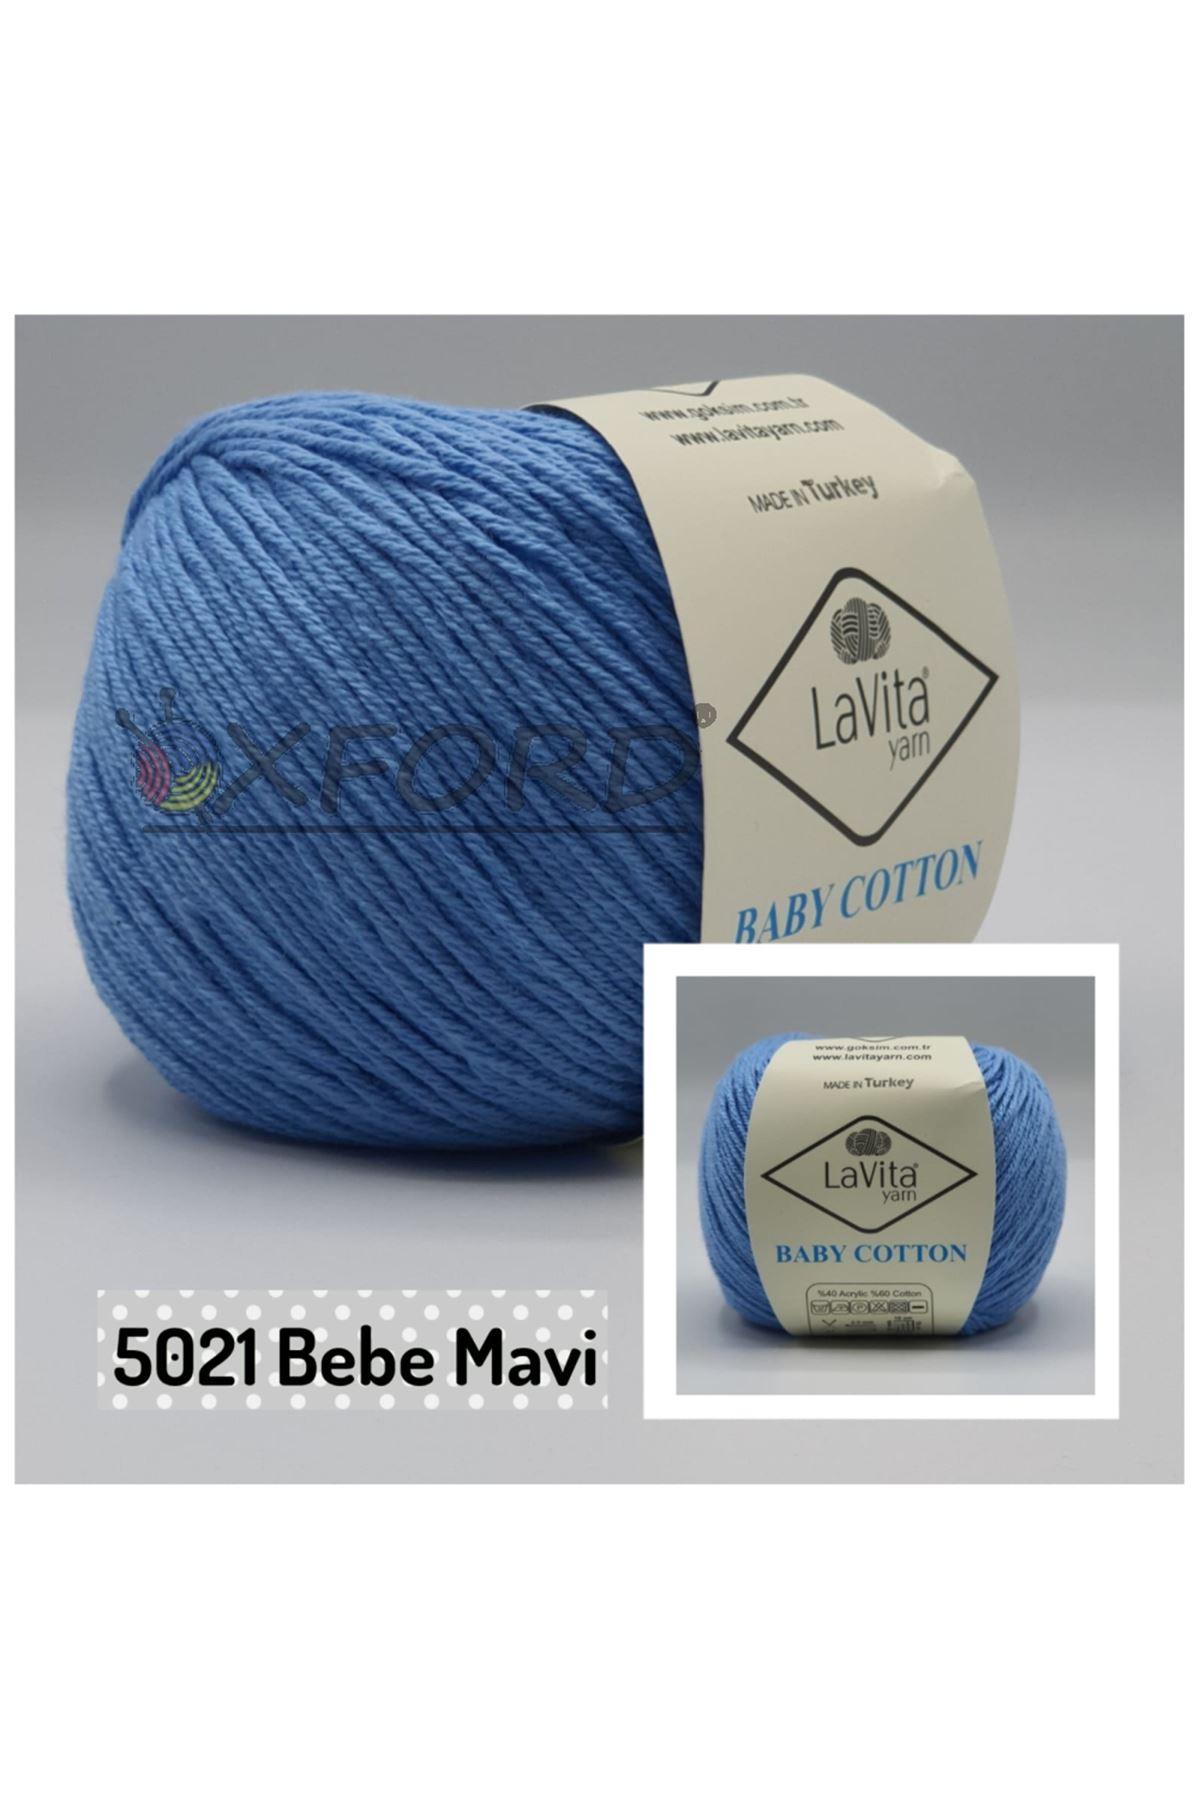 Lavita Baby Cotton 5021 Bebe Mavi